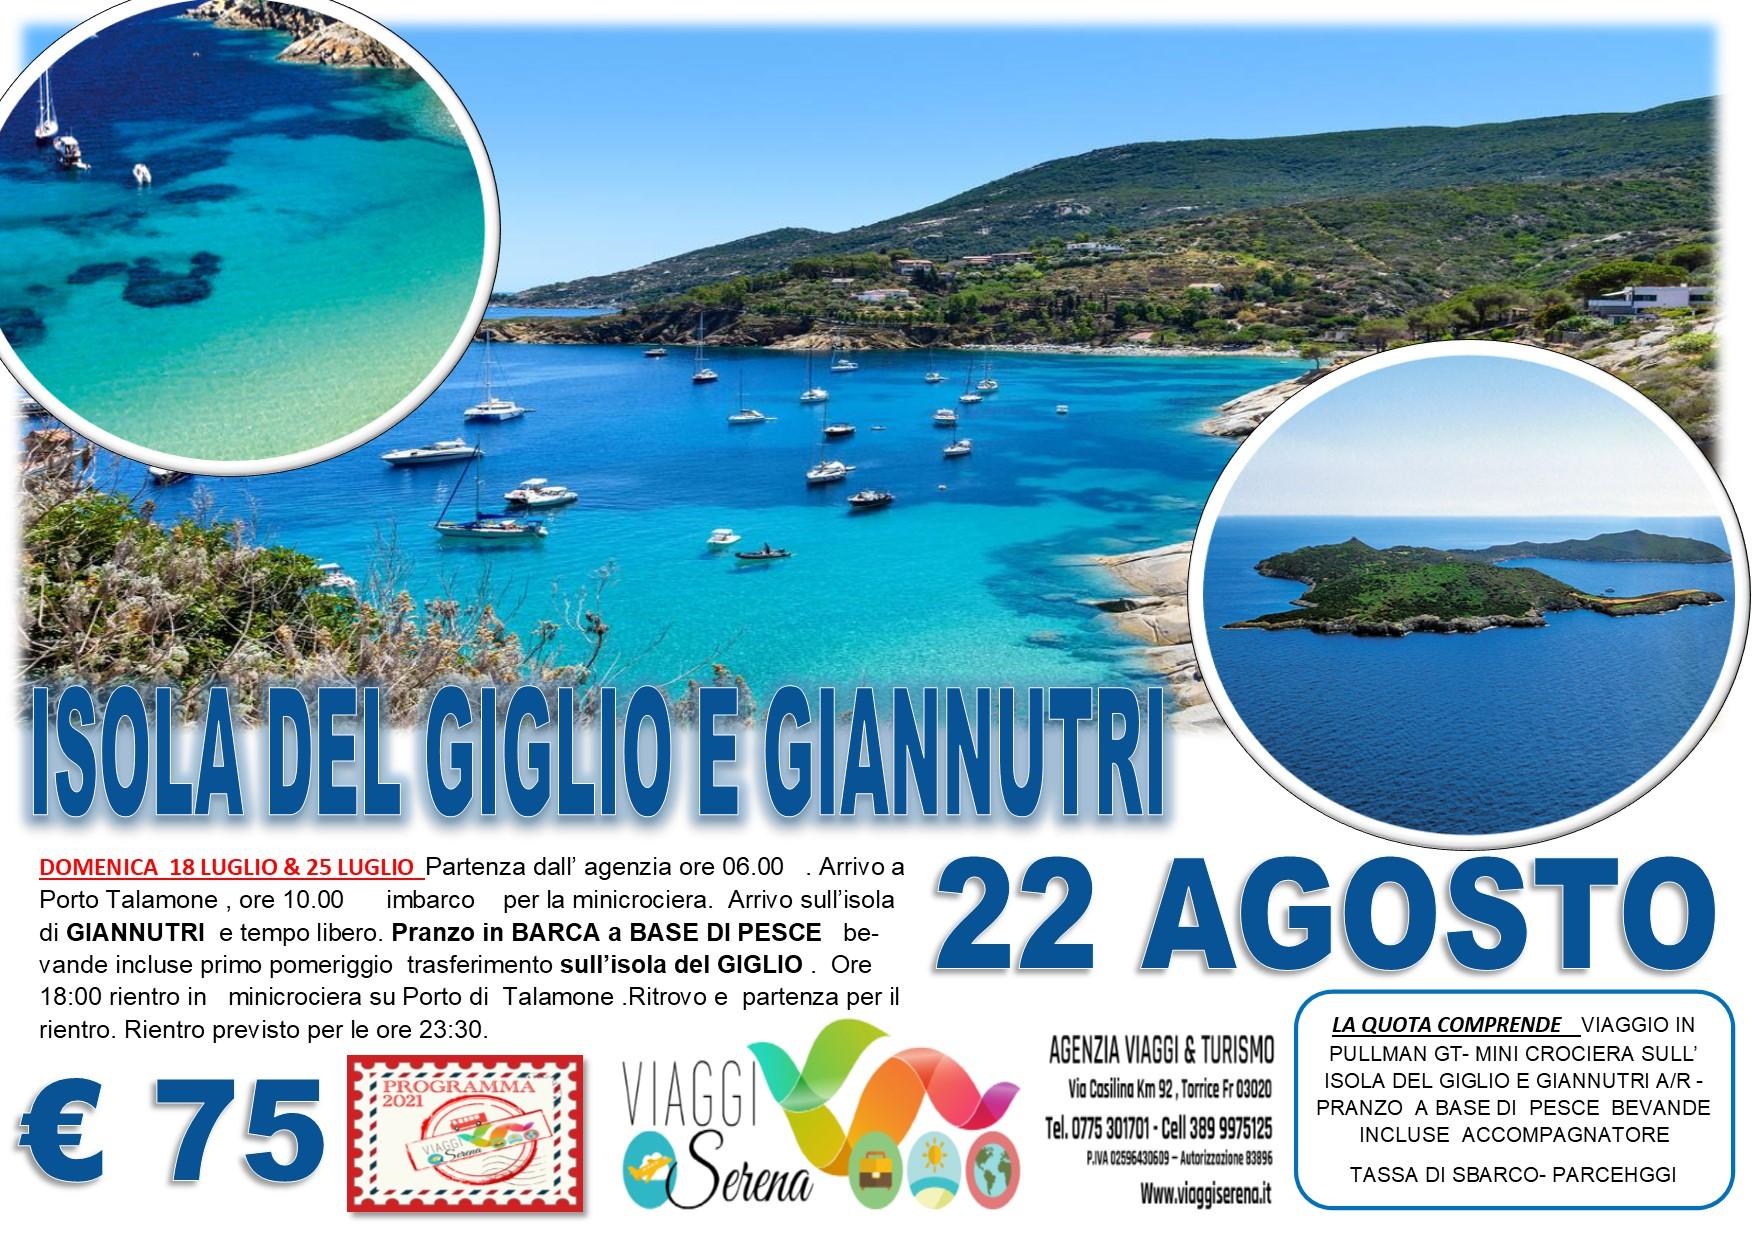 Viaggi di Gruppo: Minicrociera Isola del Giglio & Giannutri 22 Agosto € 75,00